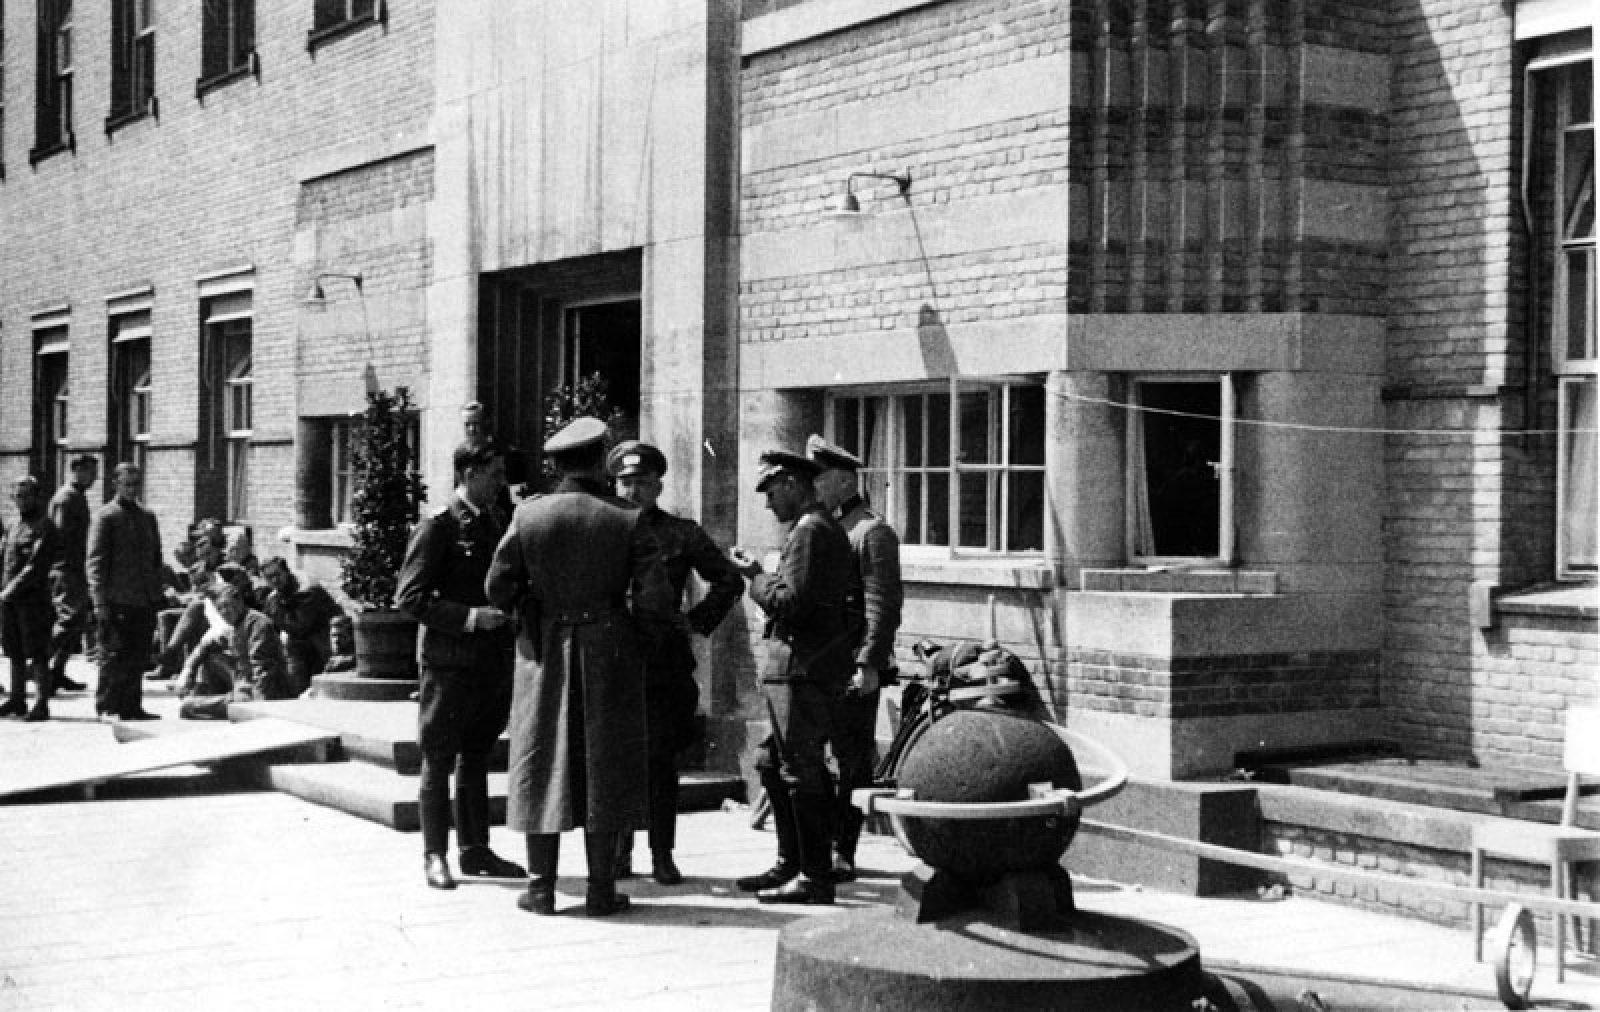 1940 Zuiderziekenhuis bezet NL Rt SA 4100 2005 1598 01